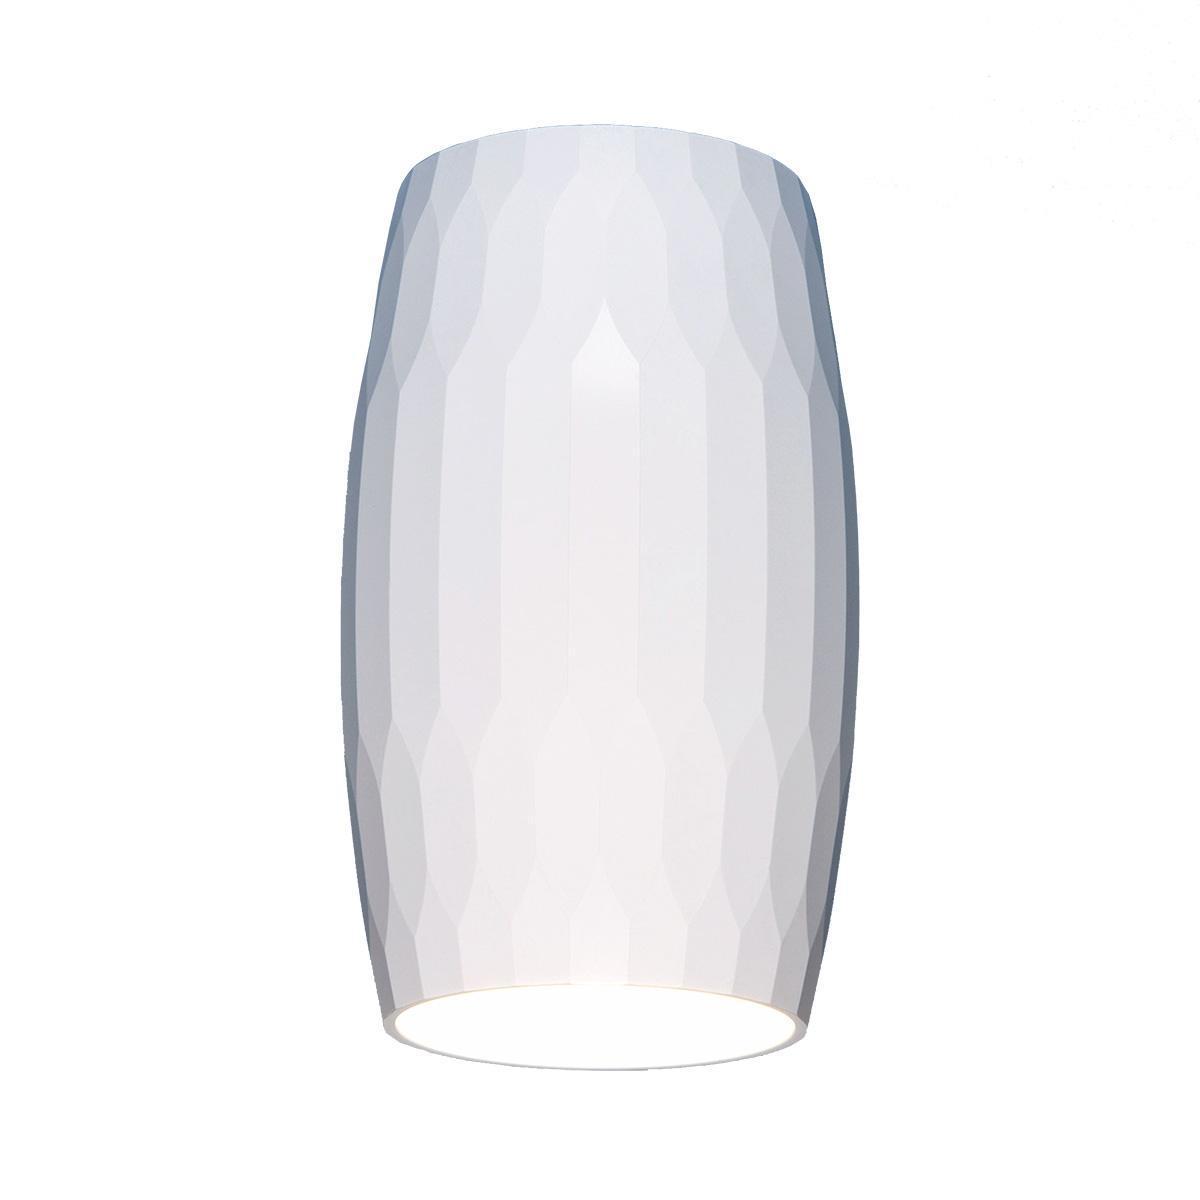 Потолочный светильник Elektrostandard DLN104 GU10 белый 4690389148538